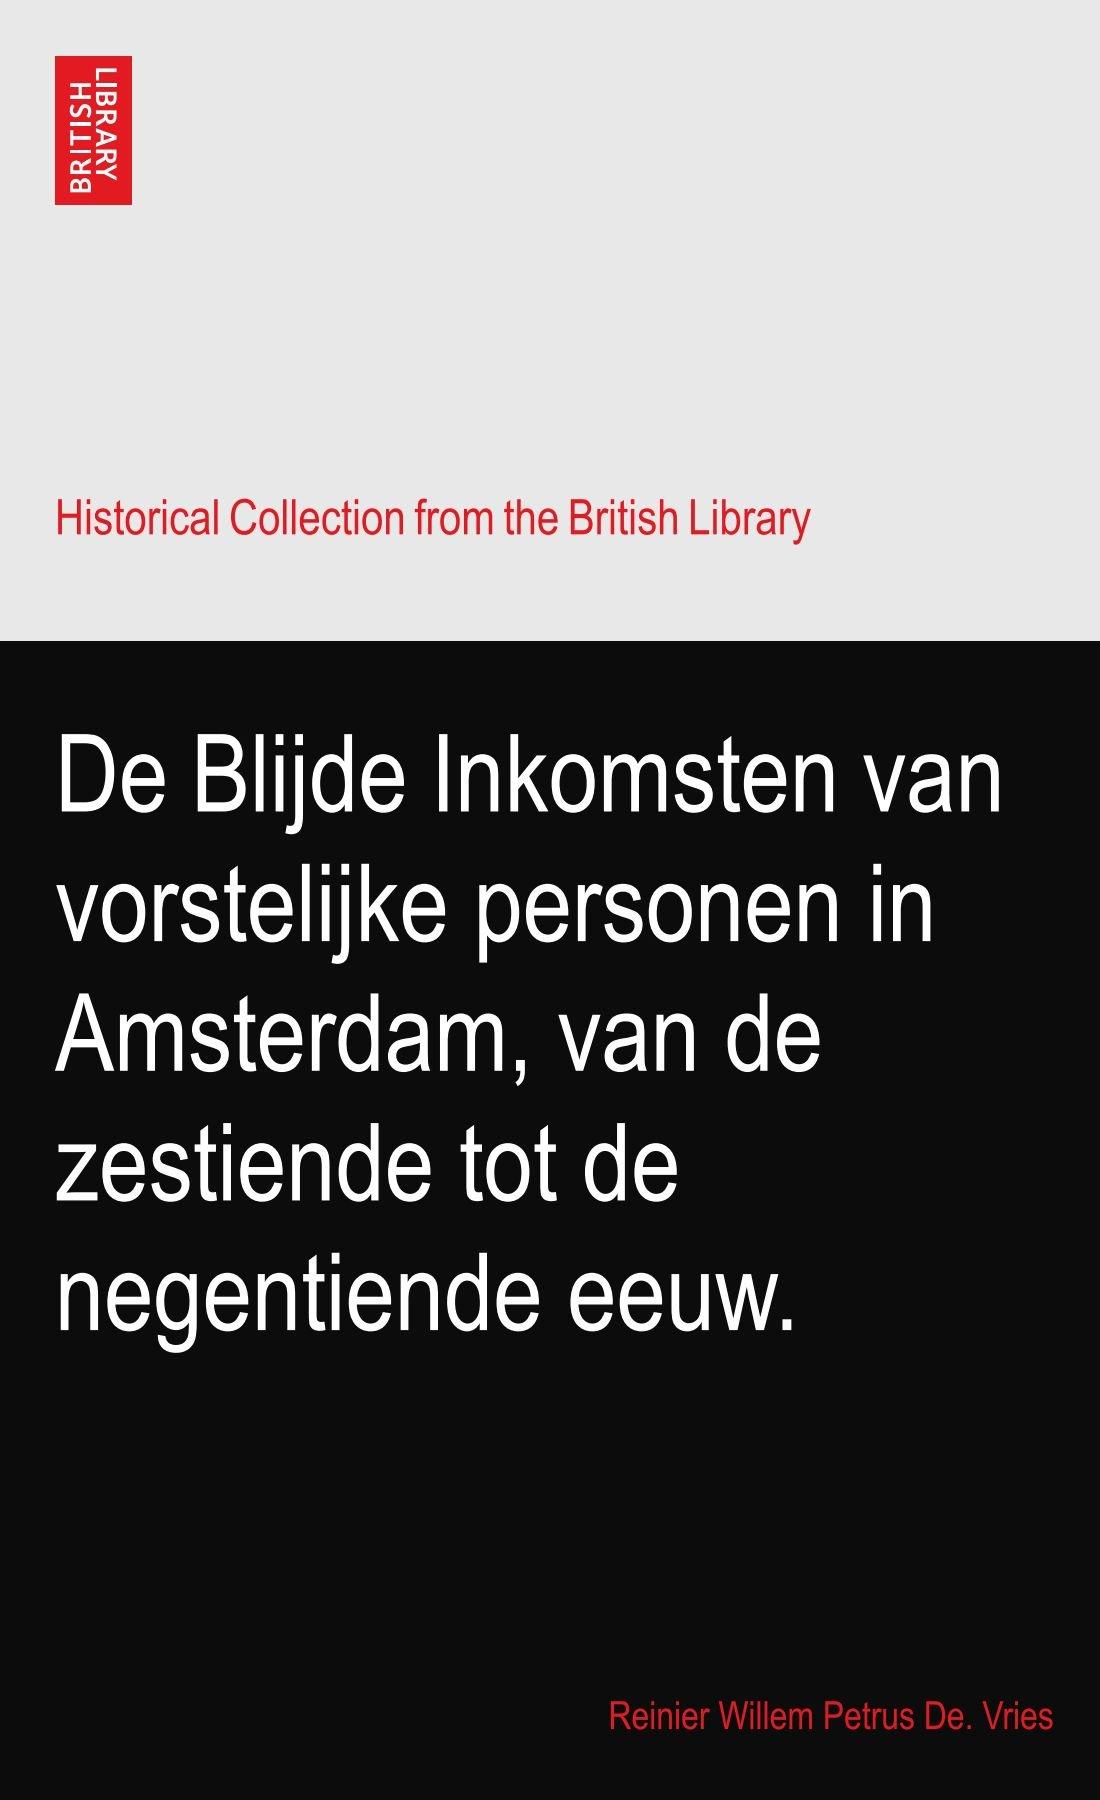 De Blijde Inkomsten van vorstelijke personen in Amsterdam, van de zestiende tot de negentiende eeuw. pdf